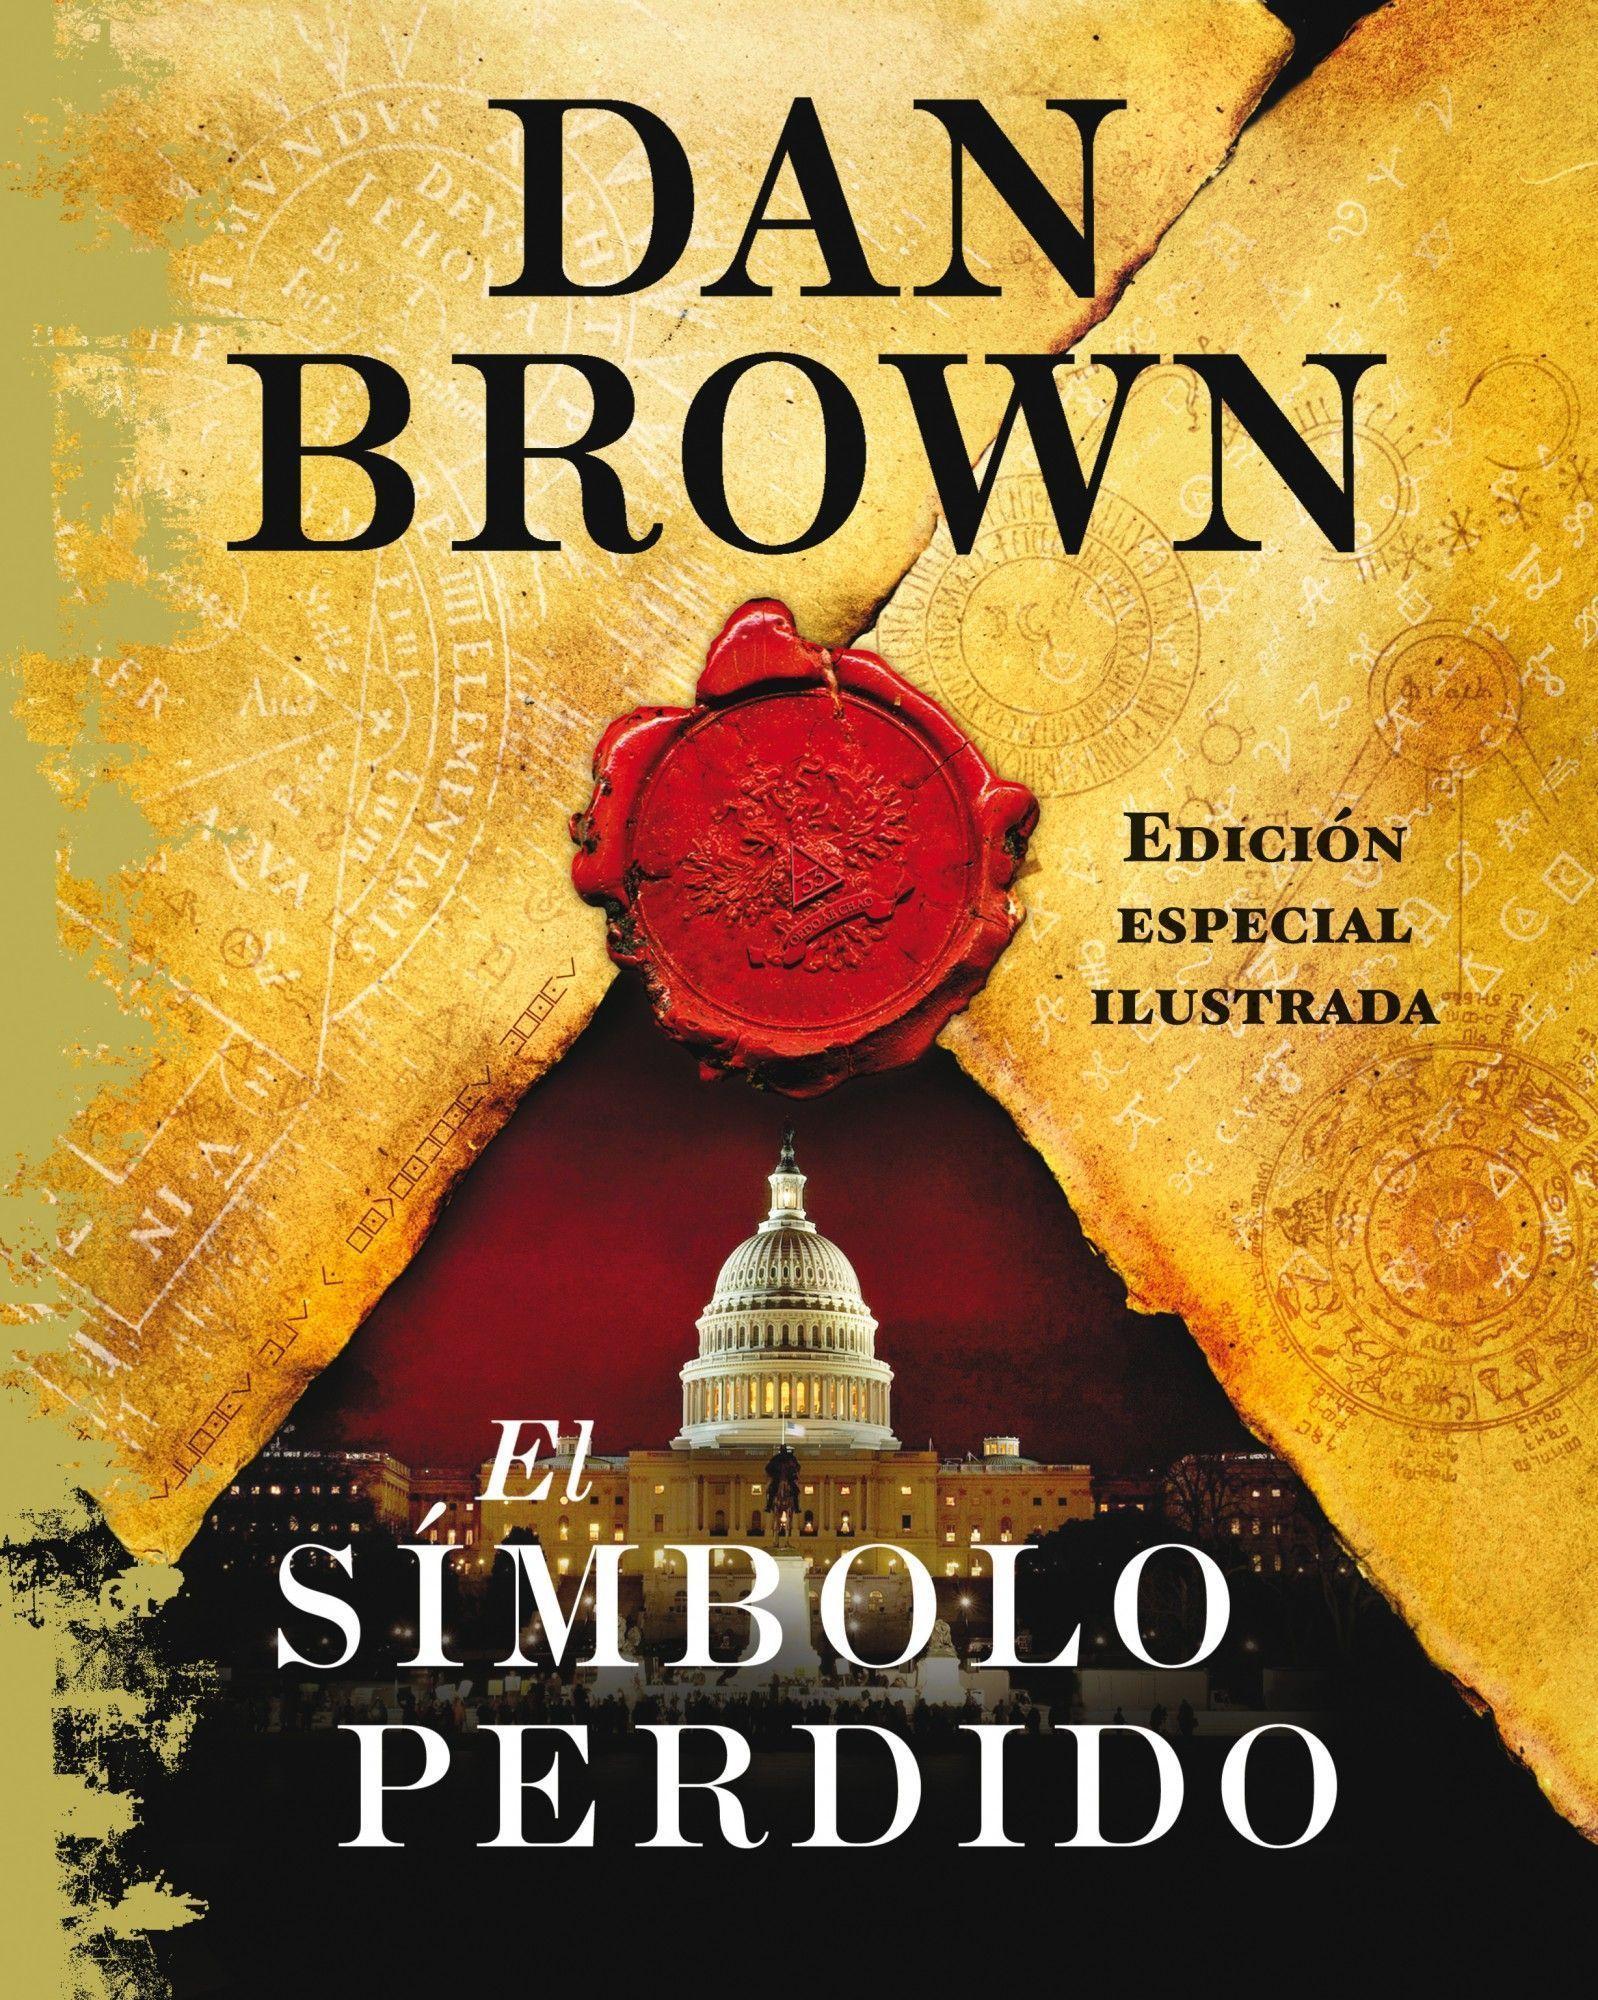 Dan espanol download inferno ebook brown